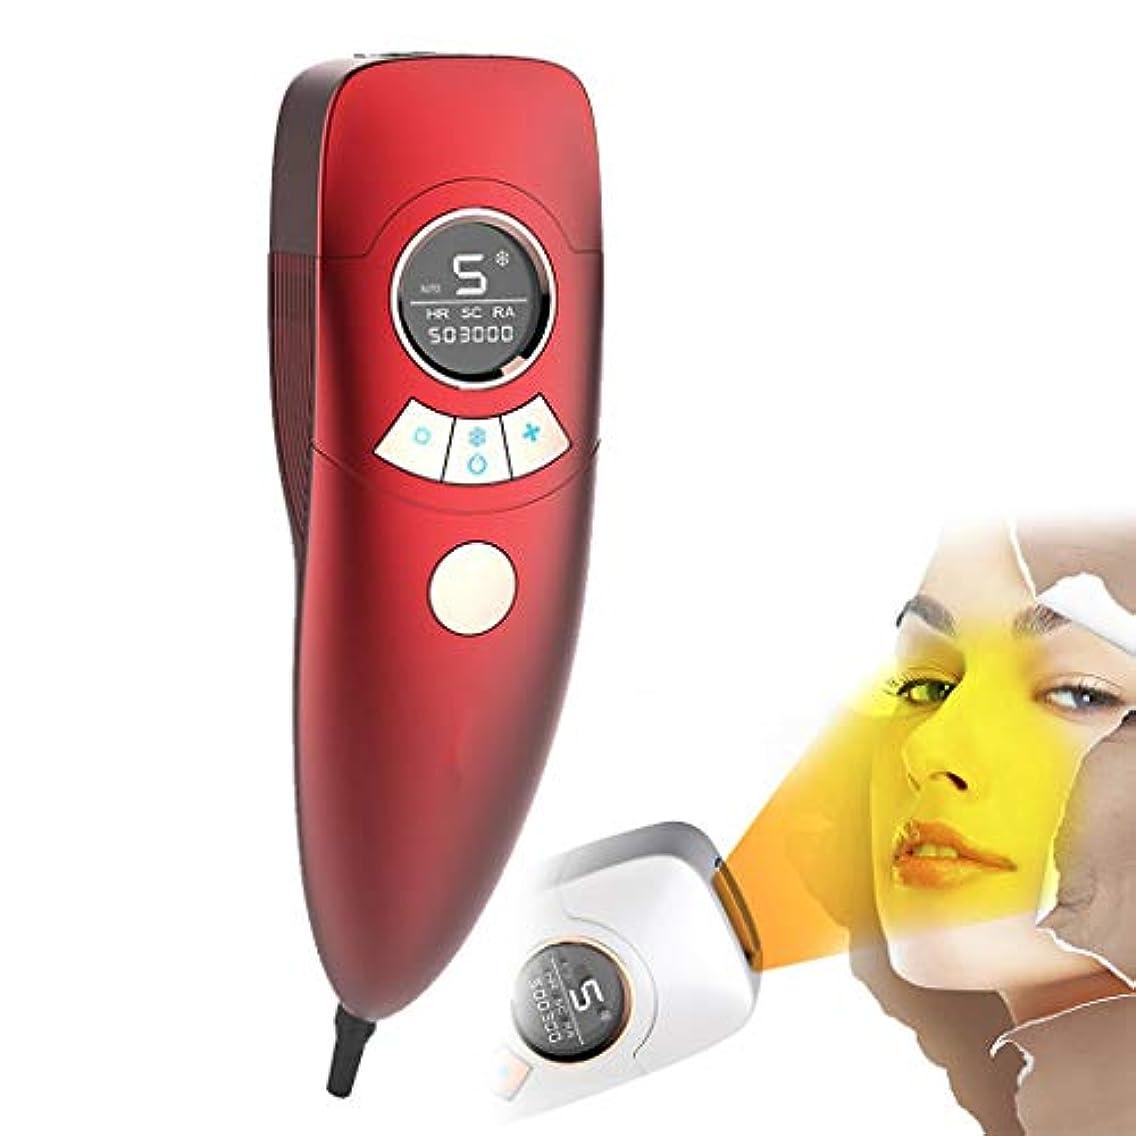 まもなく染料国民投票電気脱毛装置は痛みがありません女性4で1充電式電気脱毛器の髪、ビキニエリア鼻脇の下腕の脚の痛みのない永久的な体毛リムーバー-red